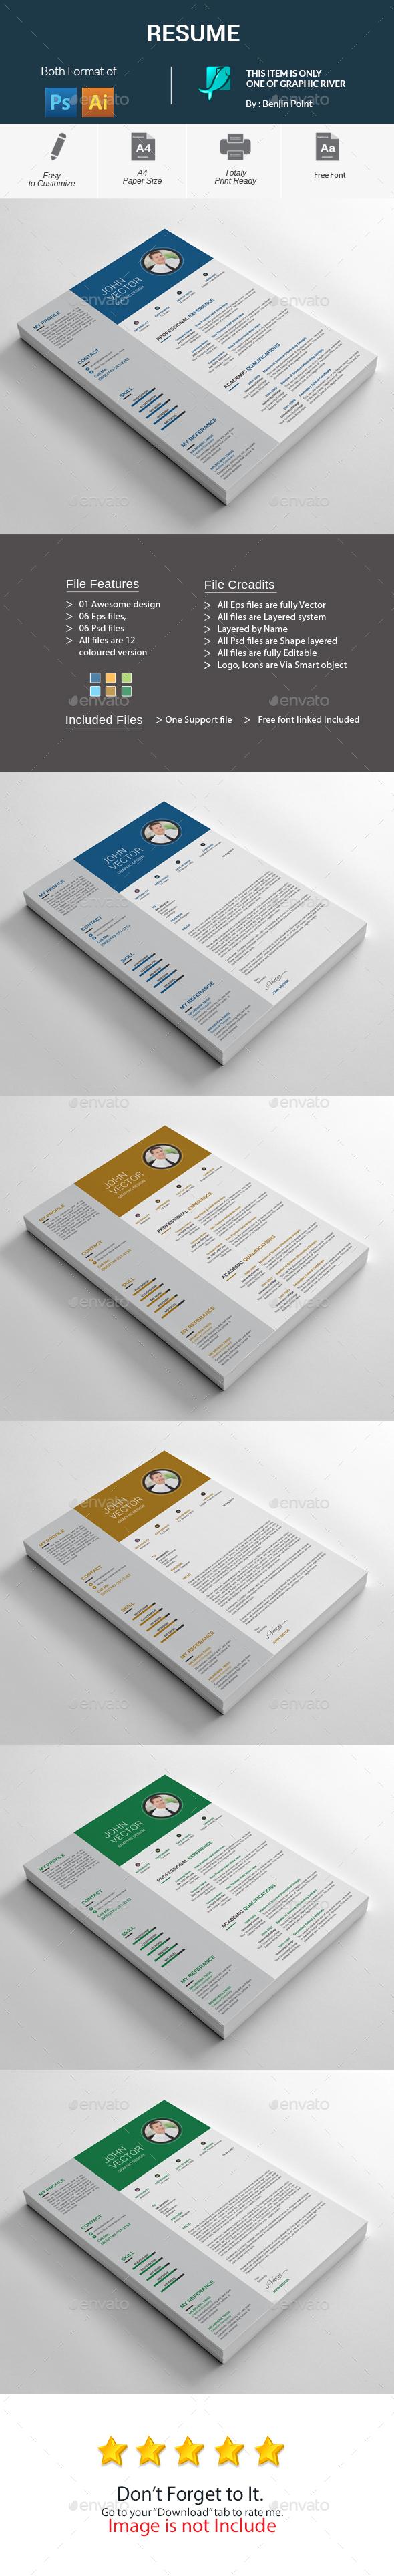 GraphicRiver Resume 20477187